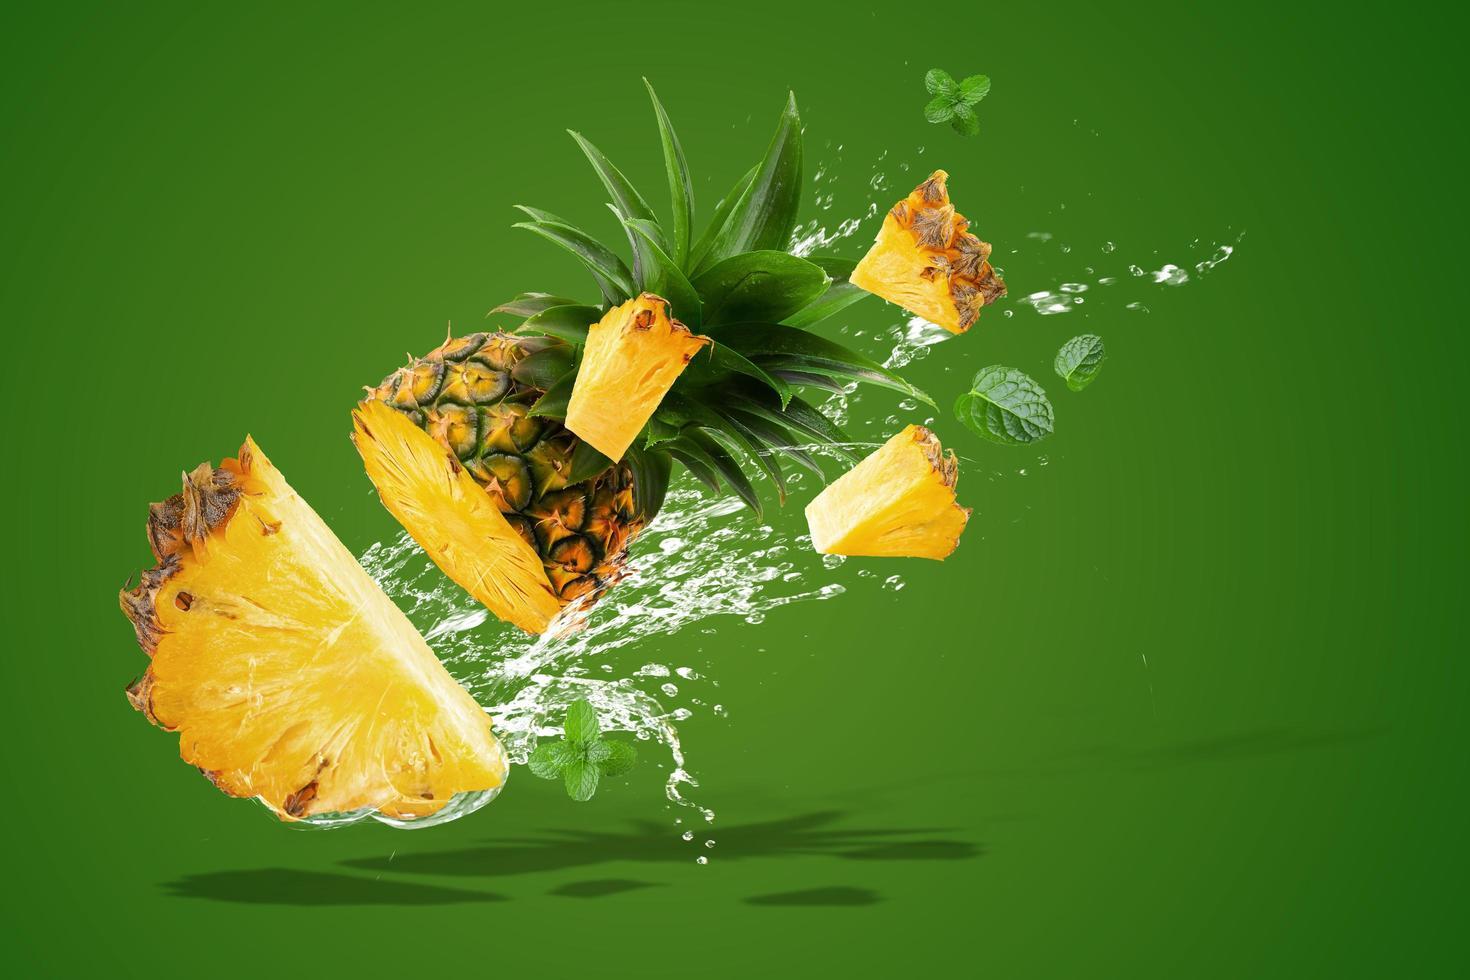 Water splashing on fresh pineapple  photo